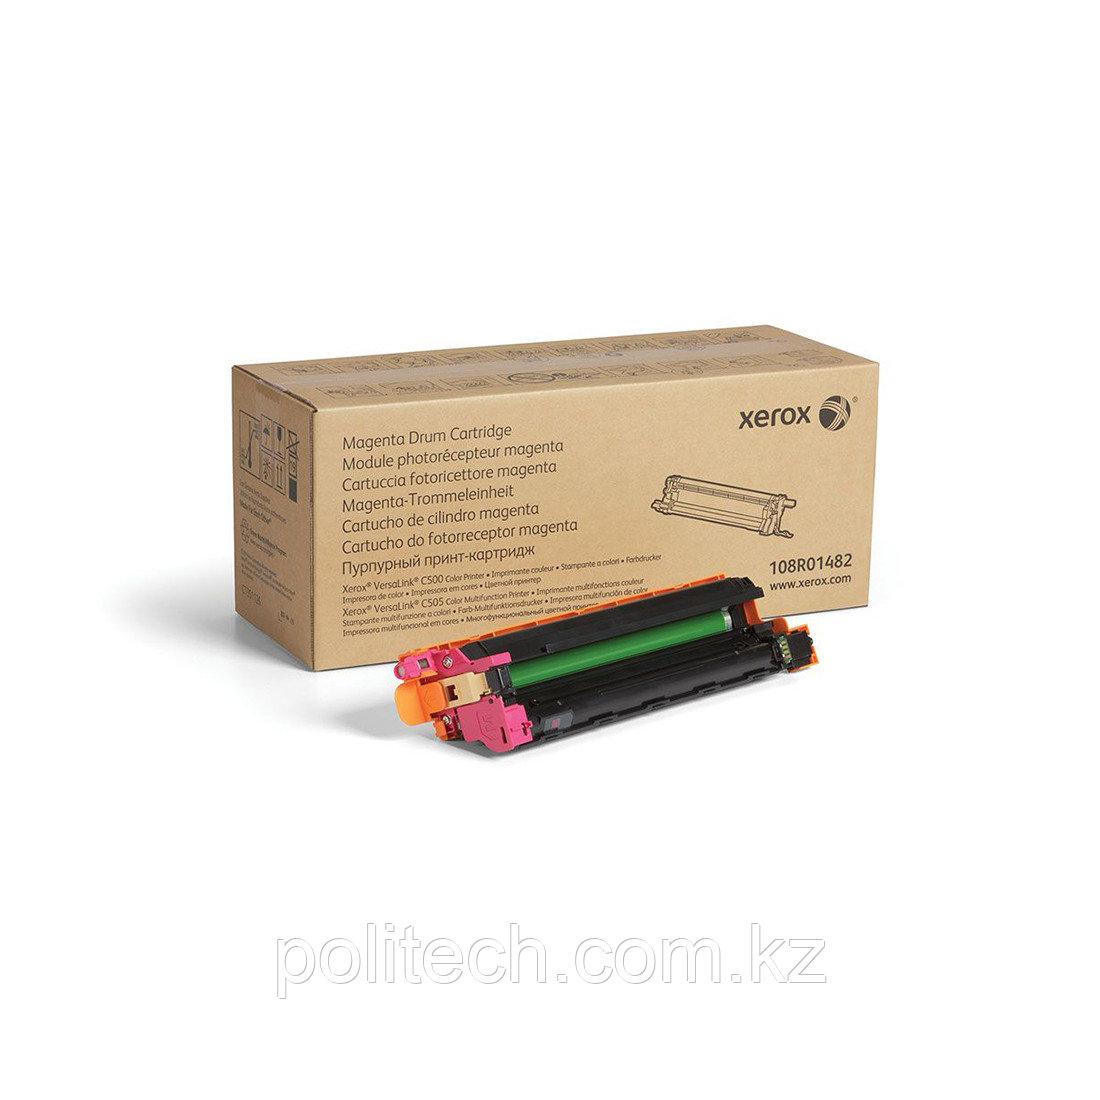 Принт-картридж Xerox 108R01482 (малиновый)